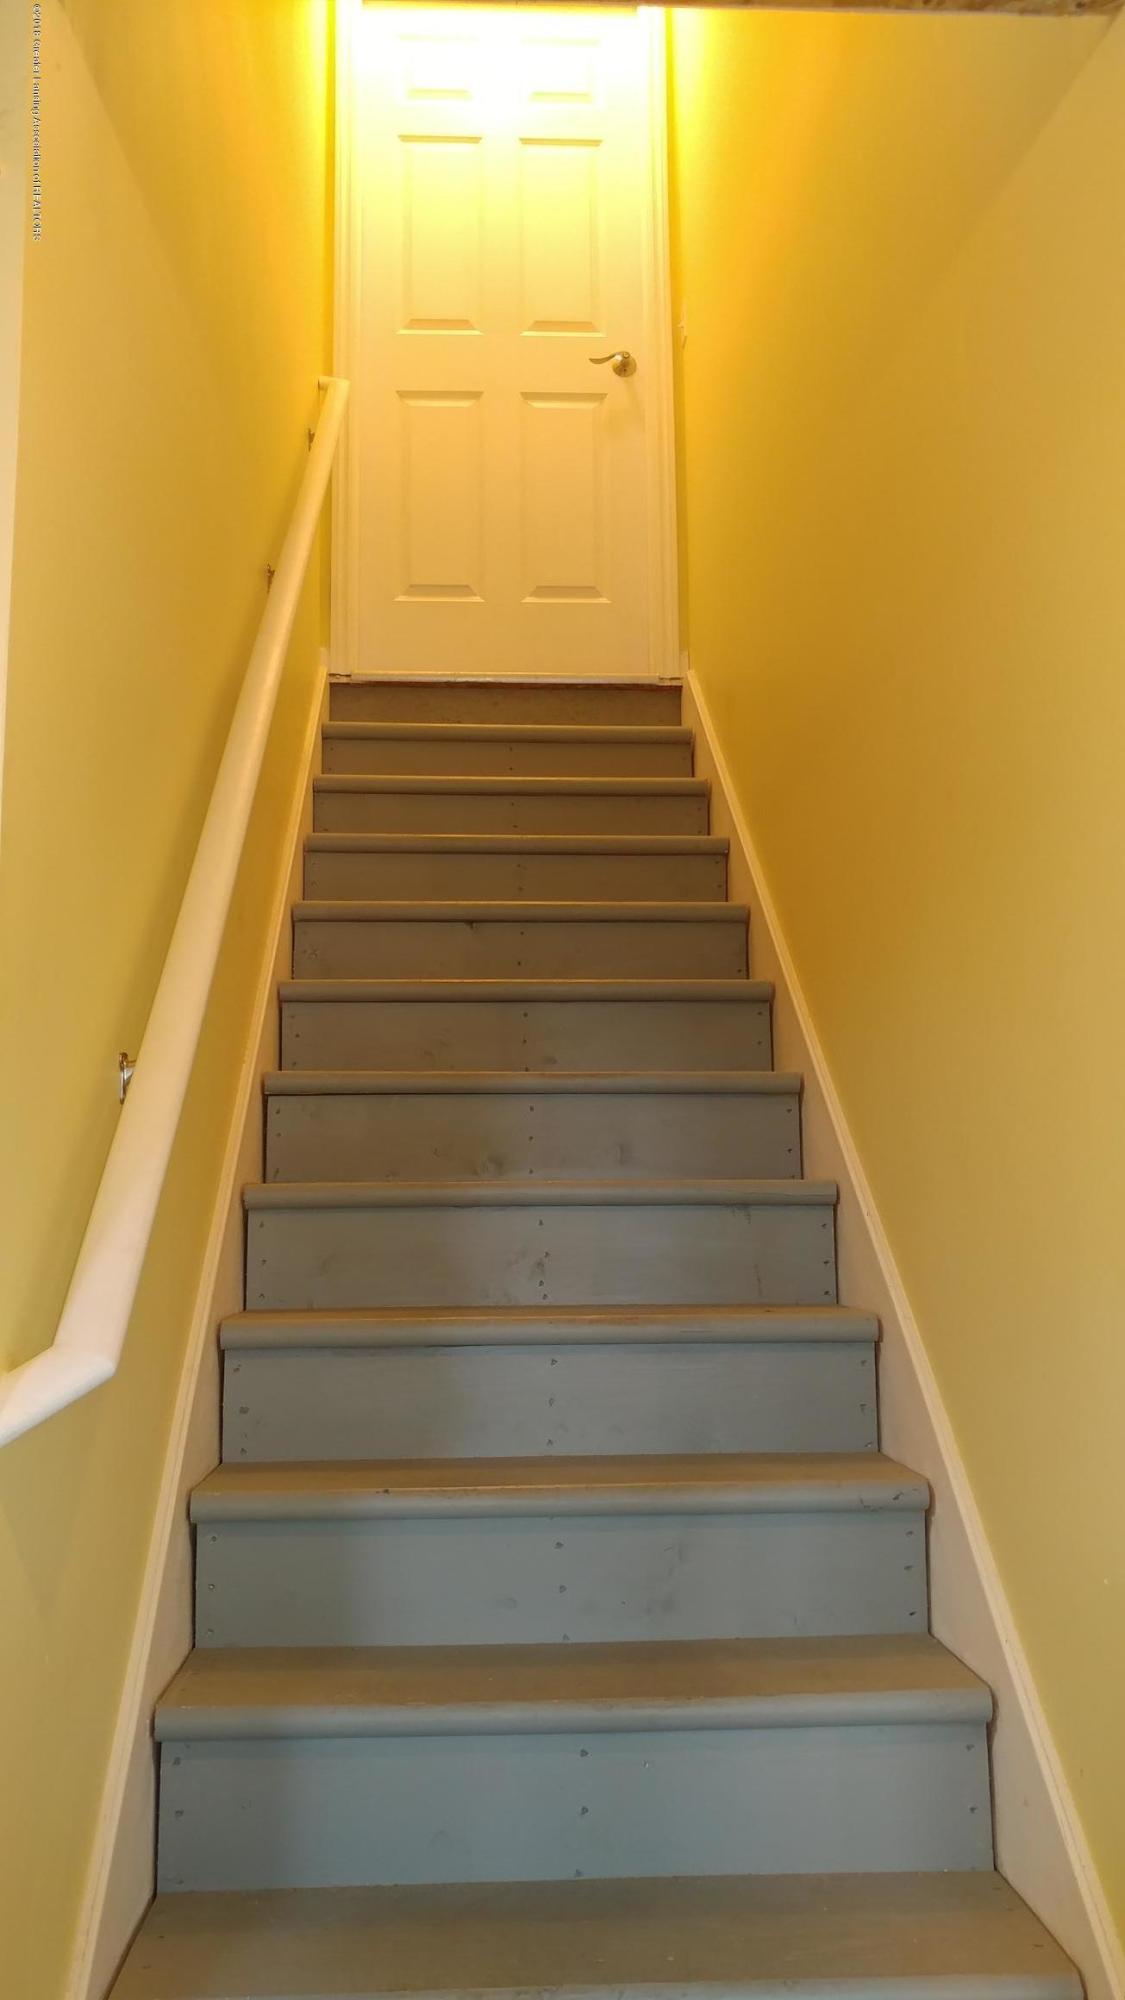 813 John Finner Ln - Basement Stairs - 40